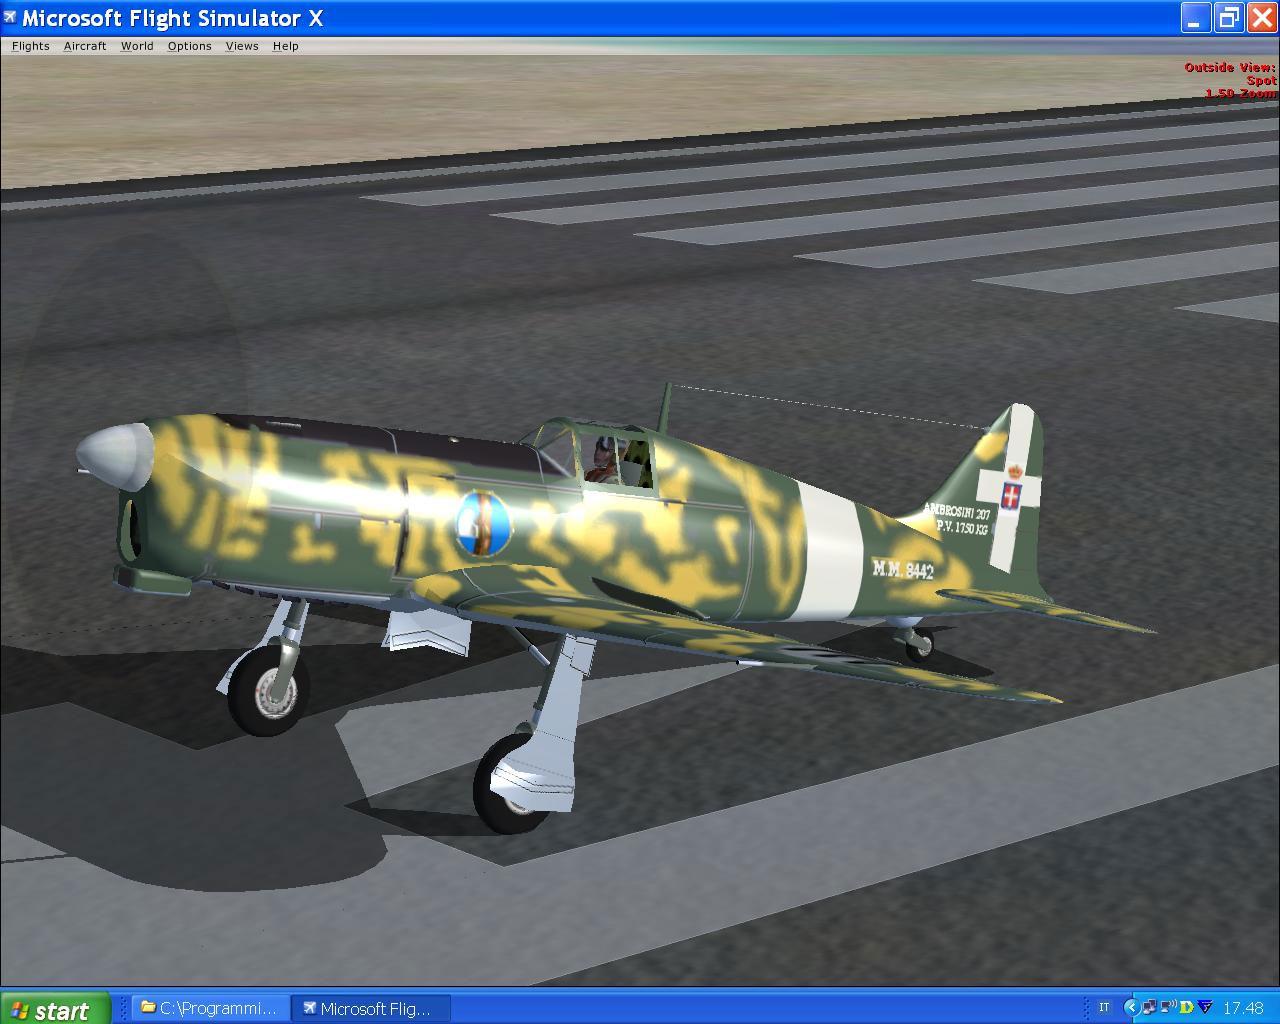 Screenshot of green camo sai ambrosini 207 on the ground